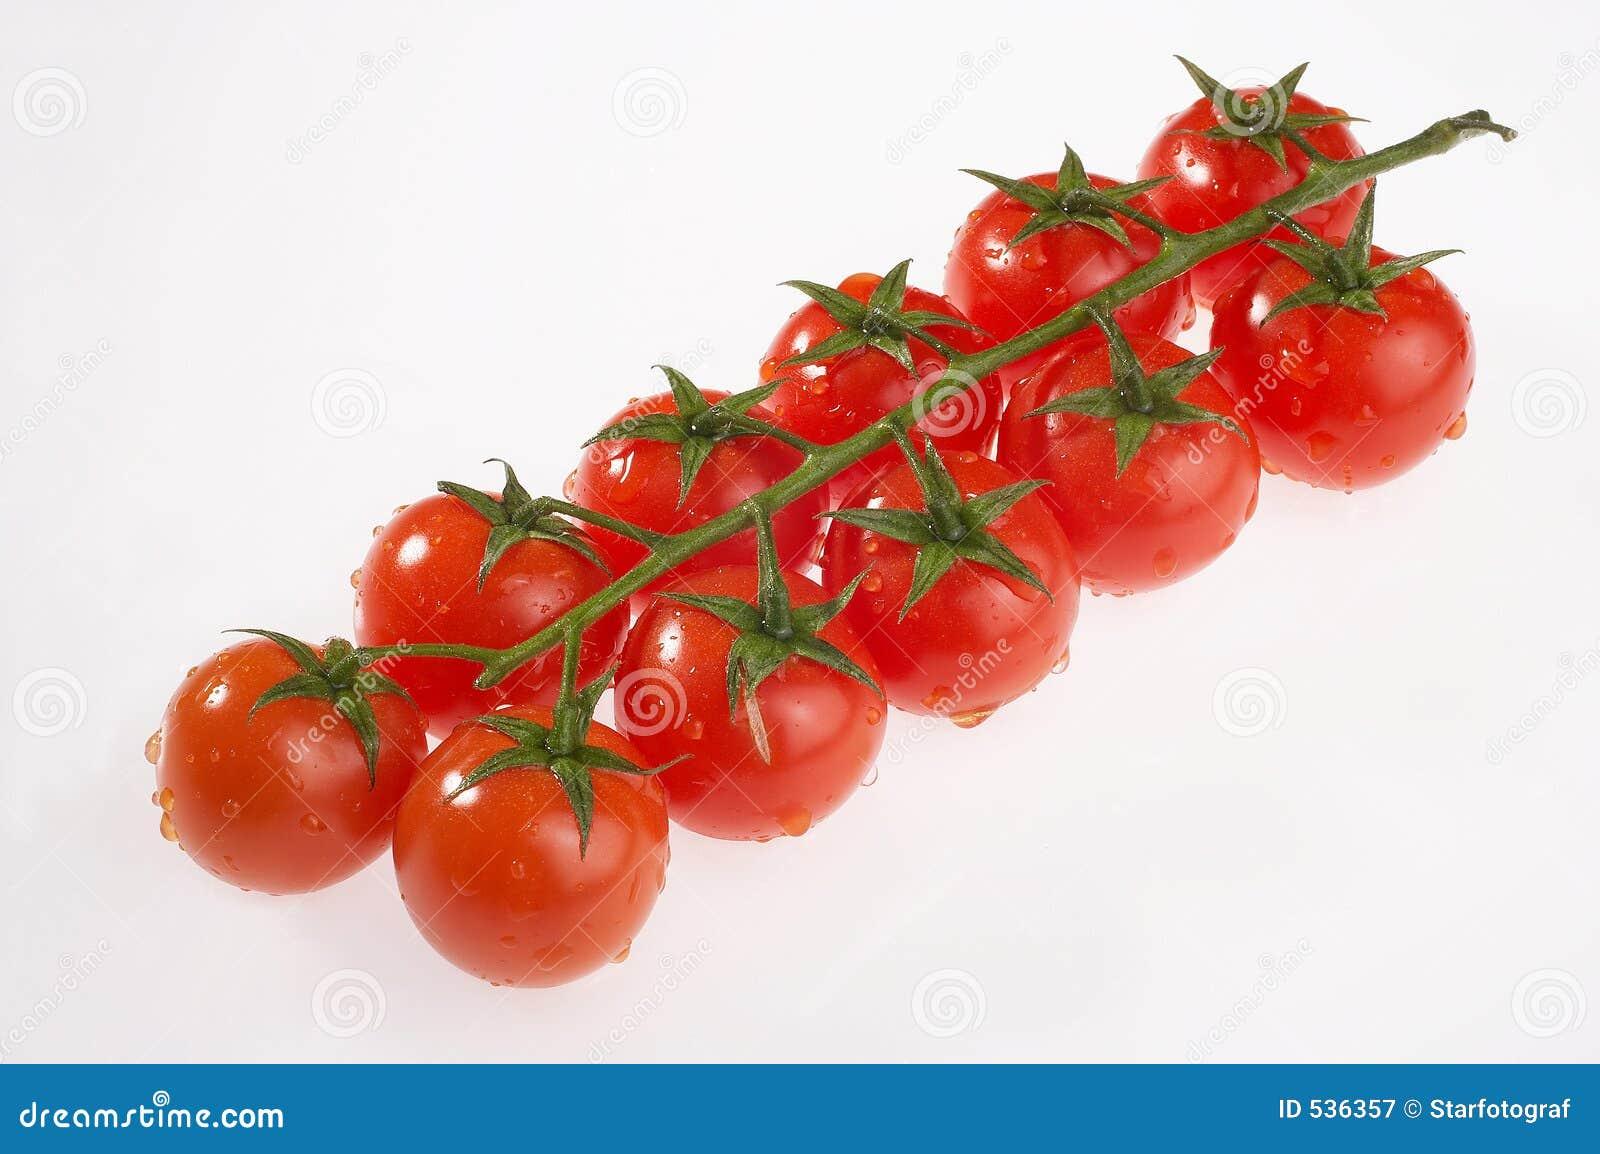 Tomates de Risp - Rispentomaten